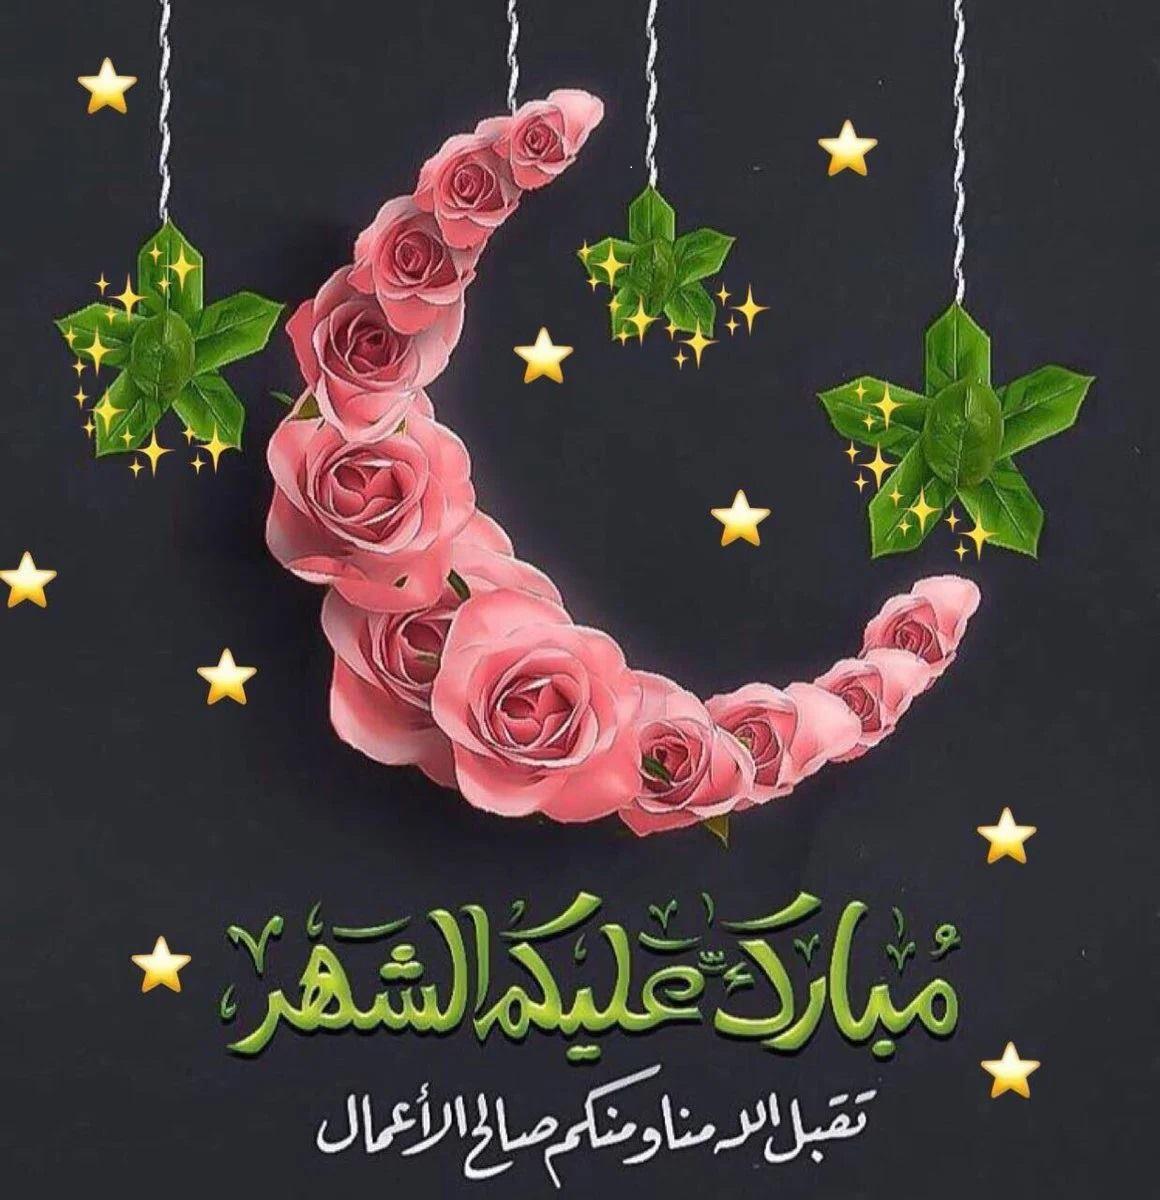 أجمل صور شهر رمضان 2021 خلفيات رمضان 2021 سواح هوست